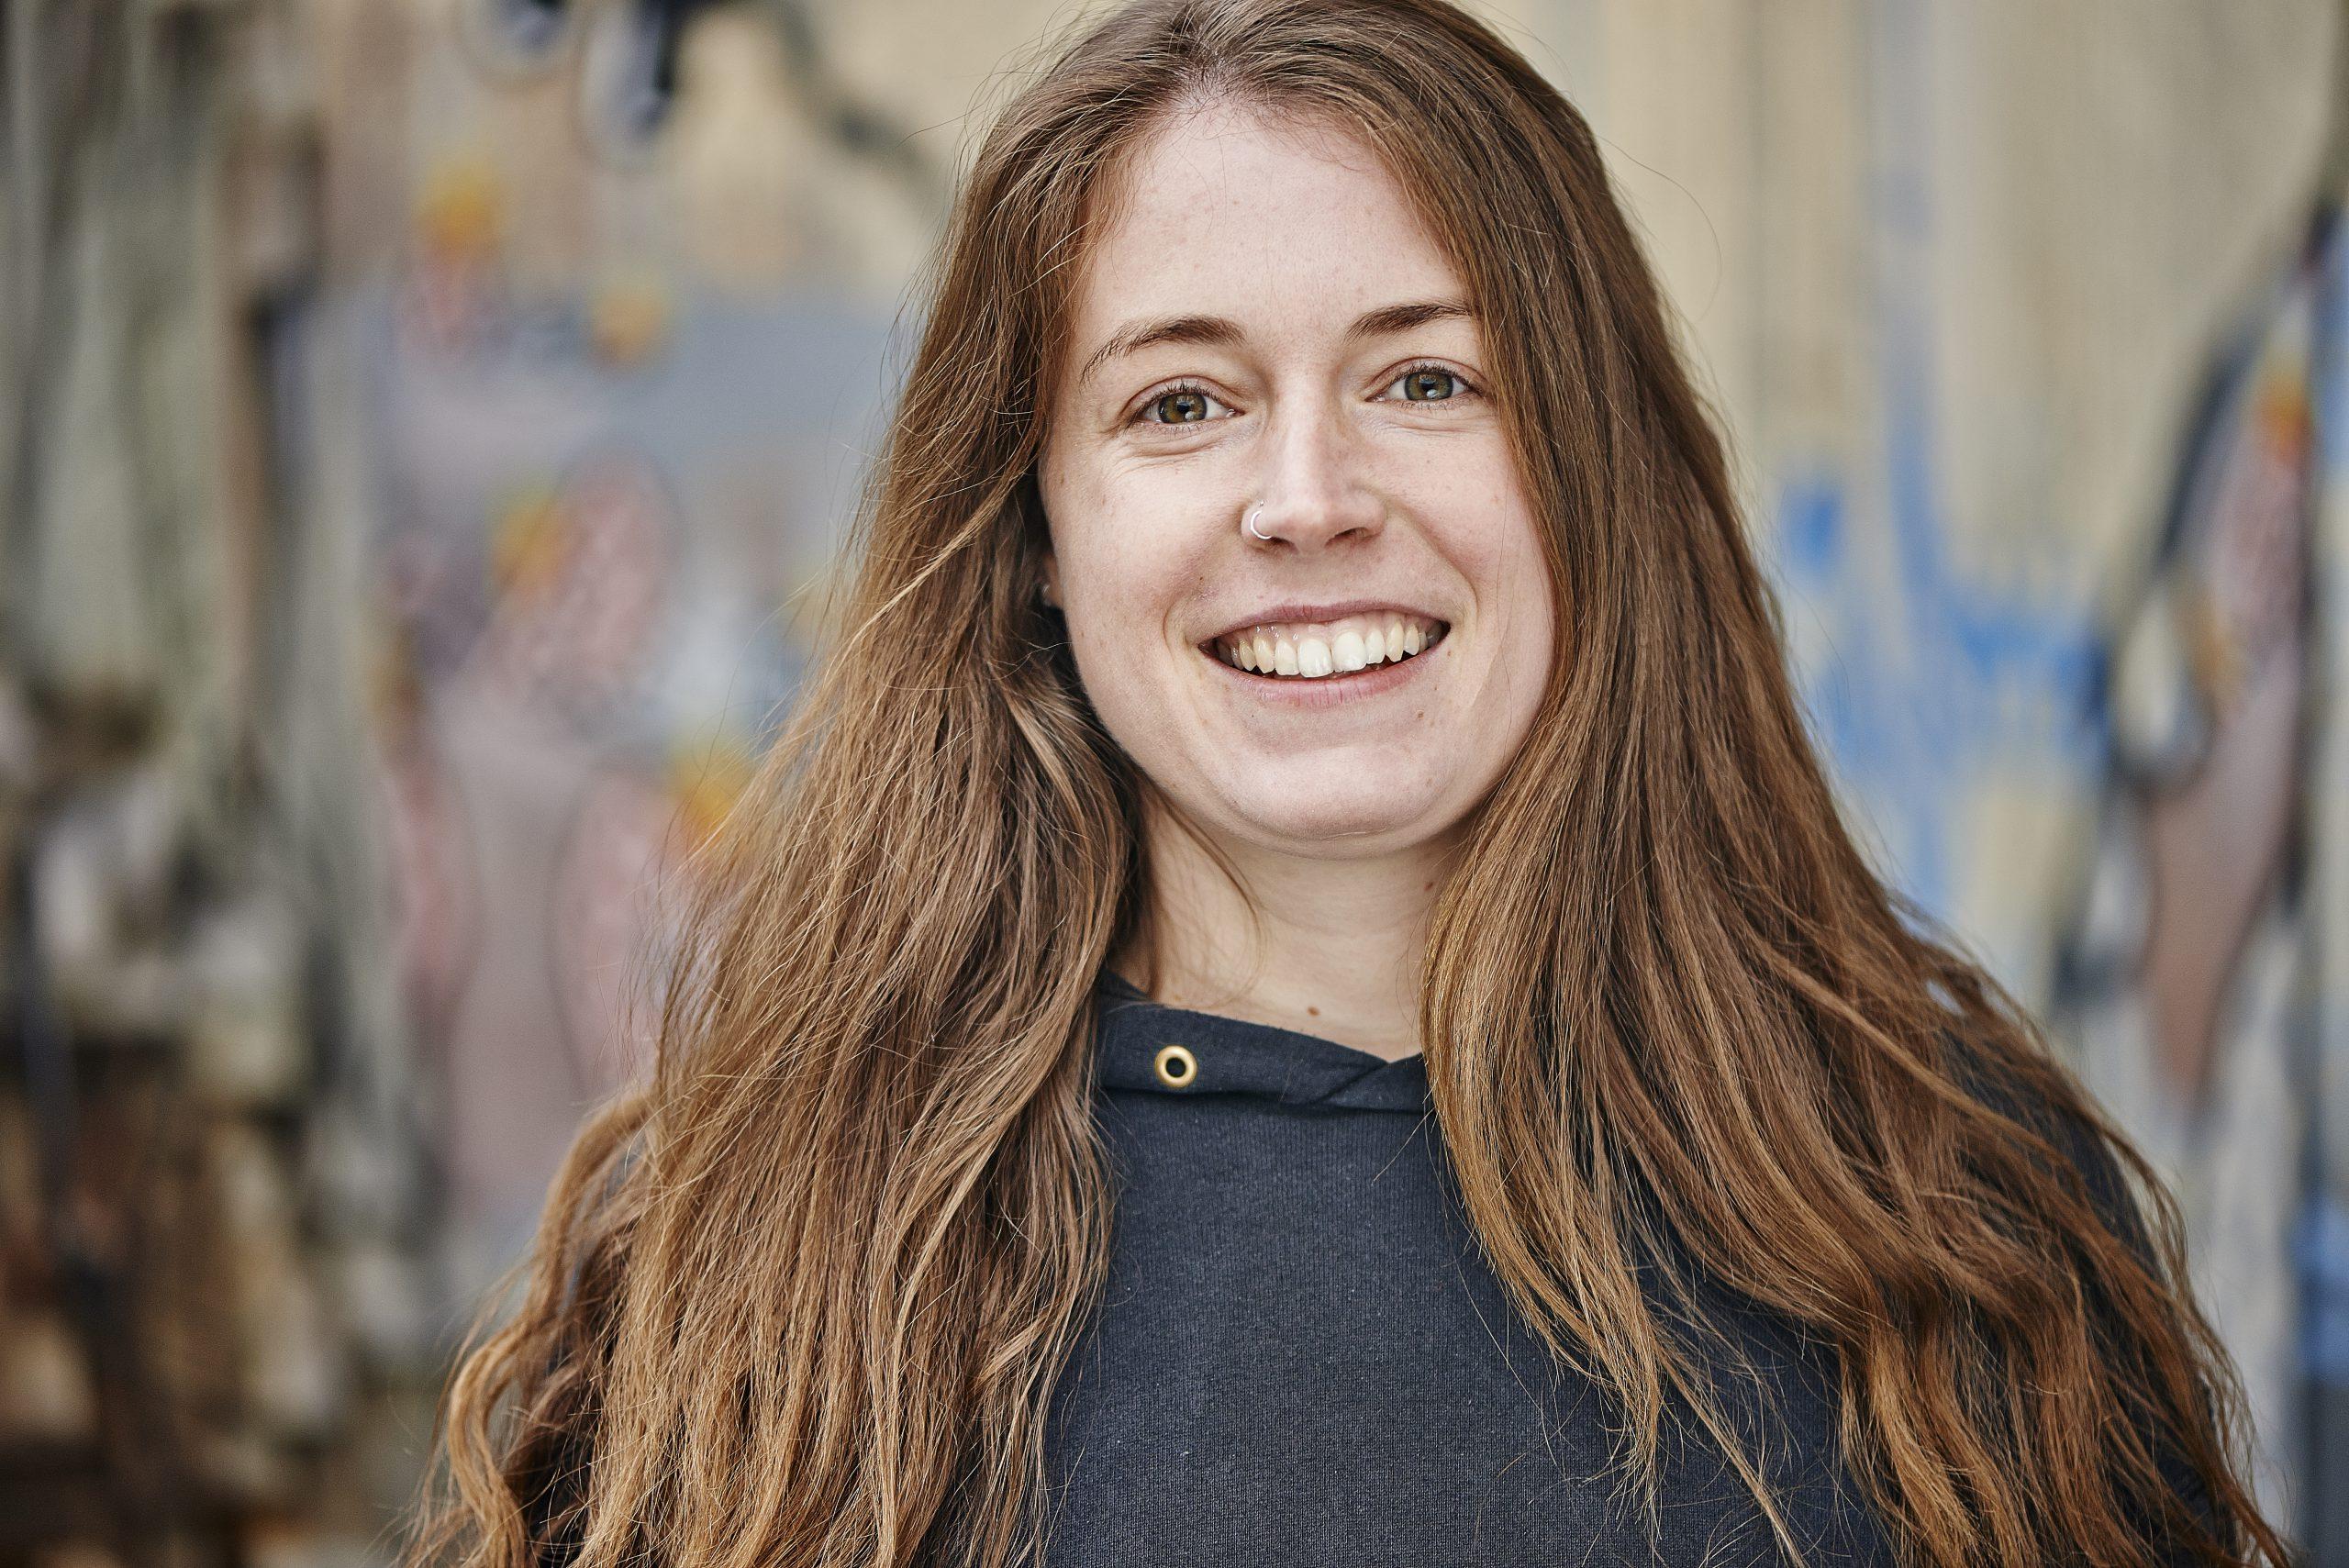 Portraitfoto einer jungen Frau mit braunen langen Haaren und einem offenen, freundlichem Lachen.